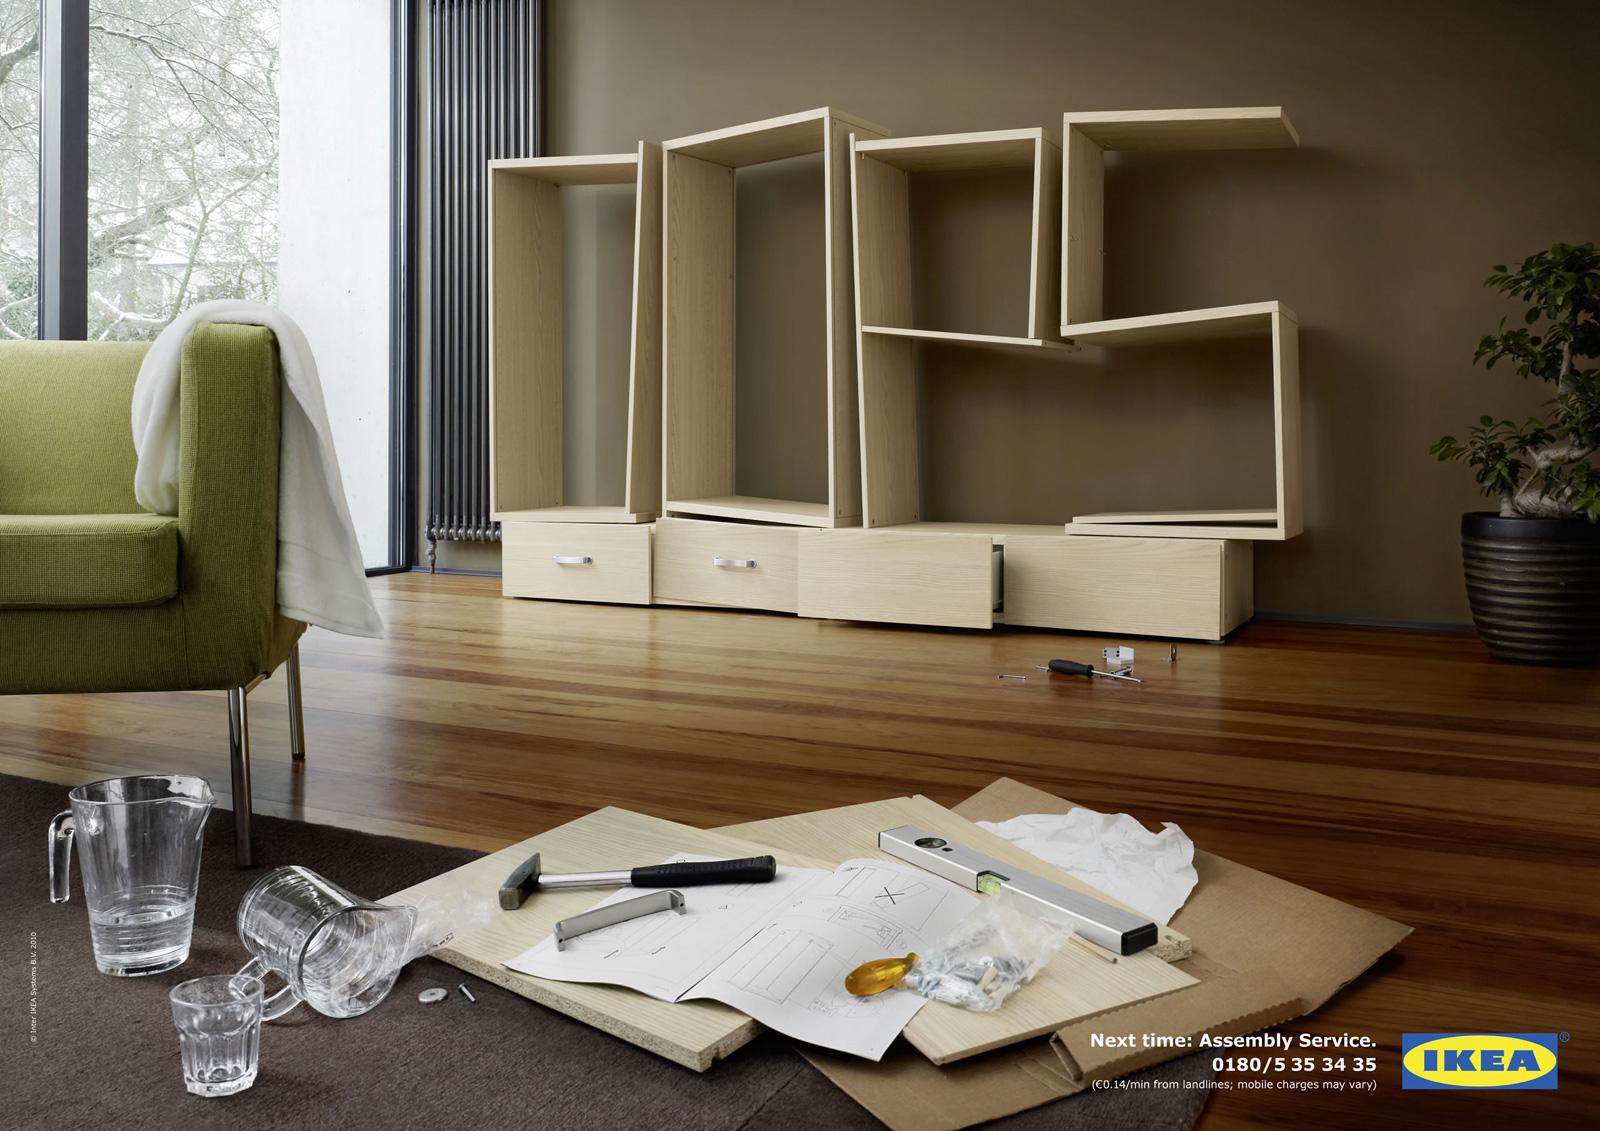 веселые картинки про мебельщиков знаешь истинном содержании